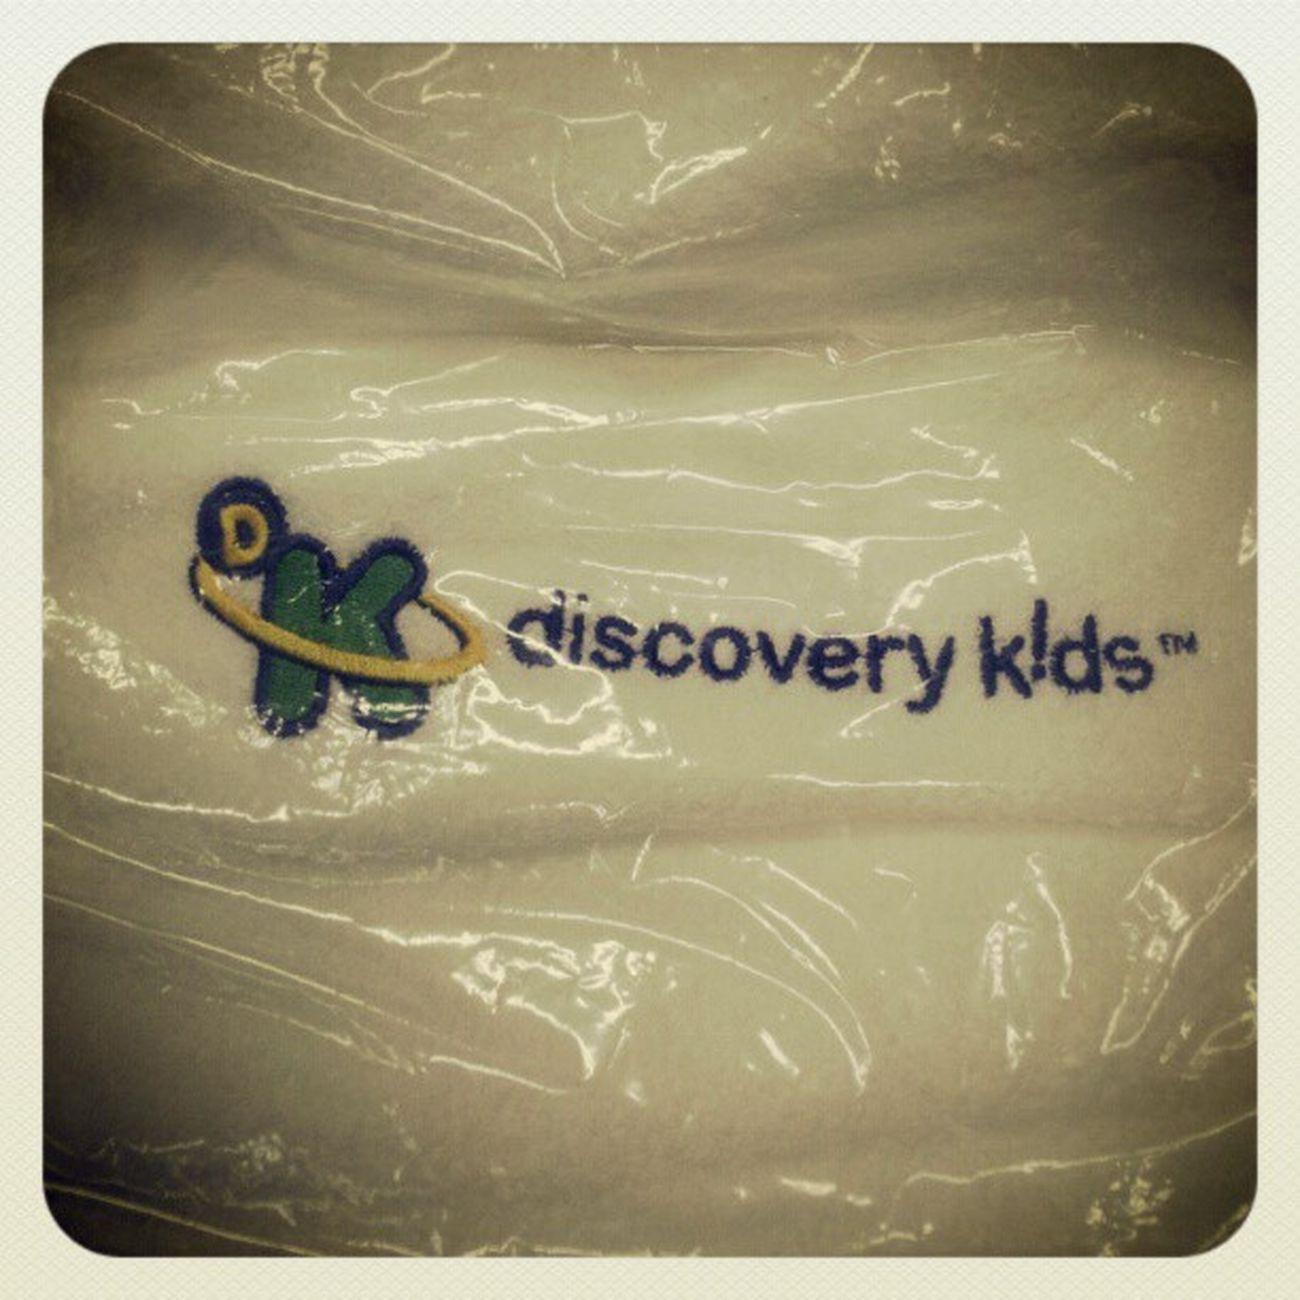 Mais um dia de brindes na empresa agora de vendedor top em venda dos Canais Discorys hahahaha toalha de banho da discory kids a Ana Luiza que